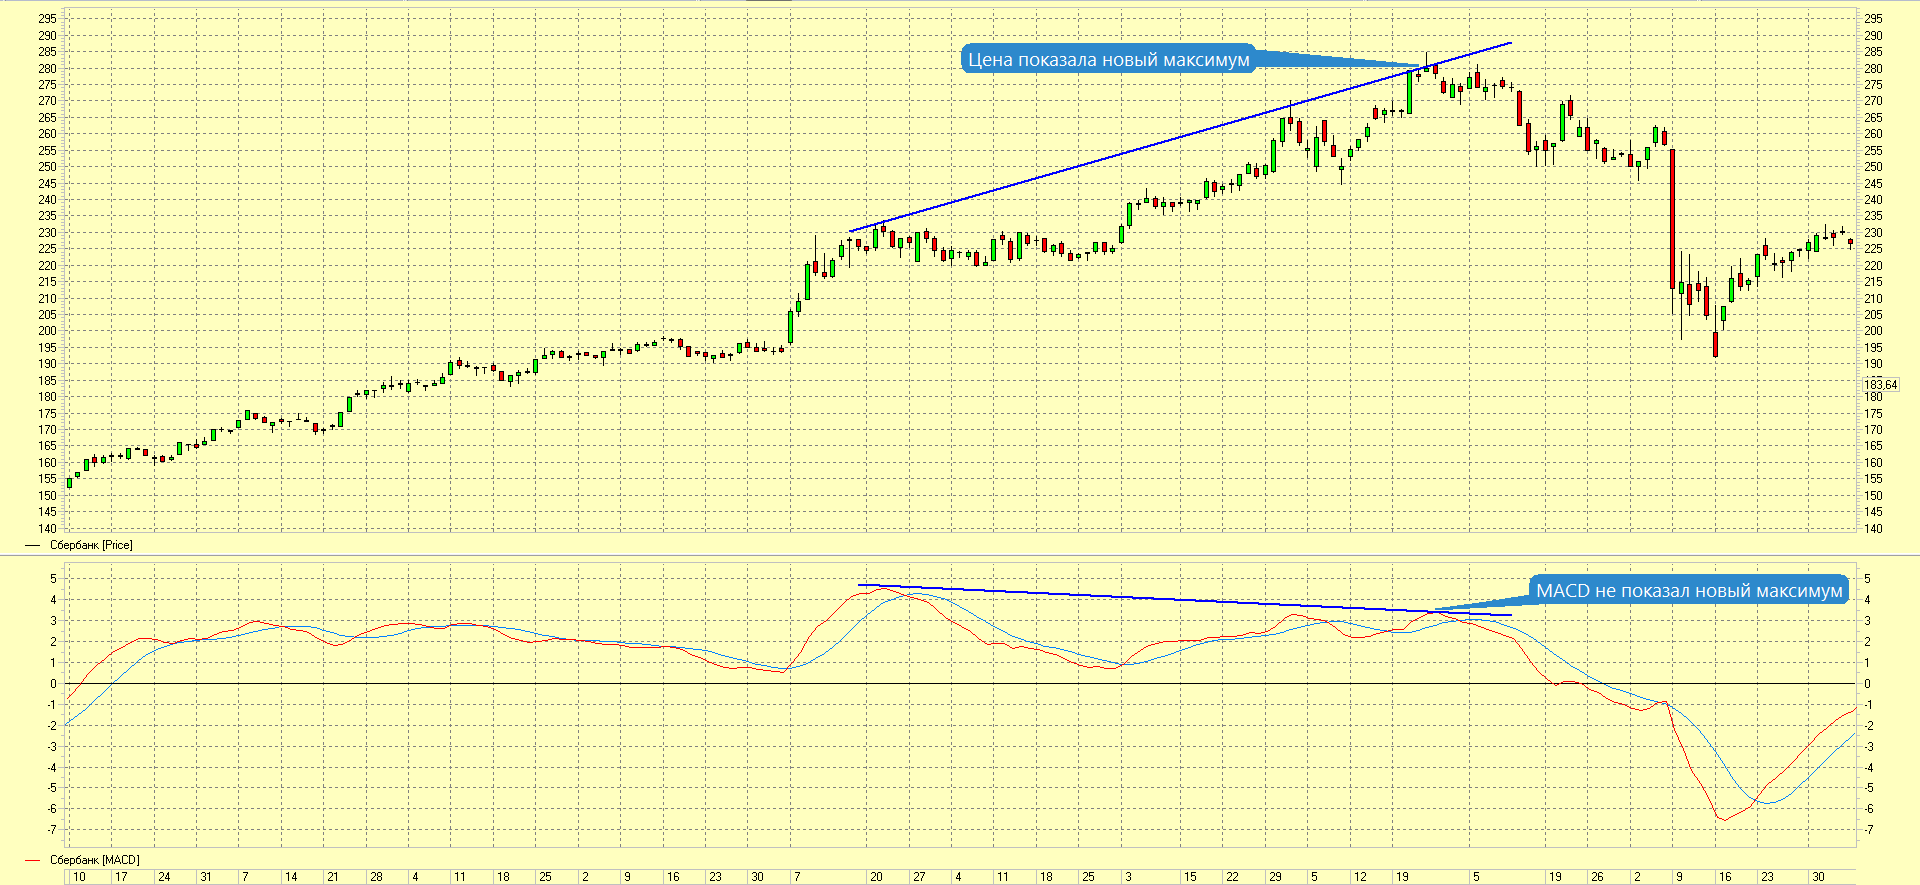 дивергенция индикатора MACD и цены актива